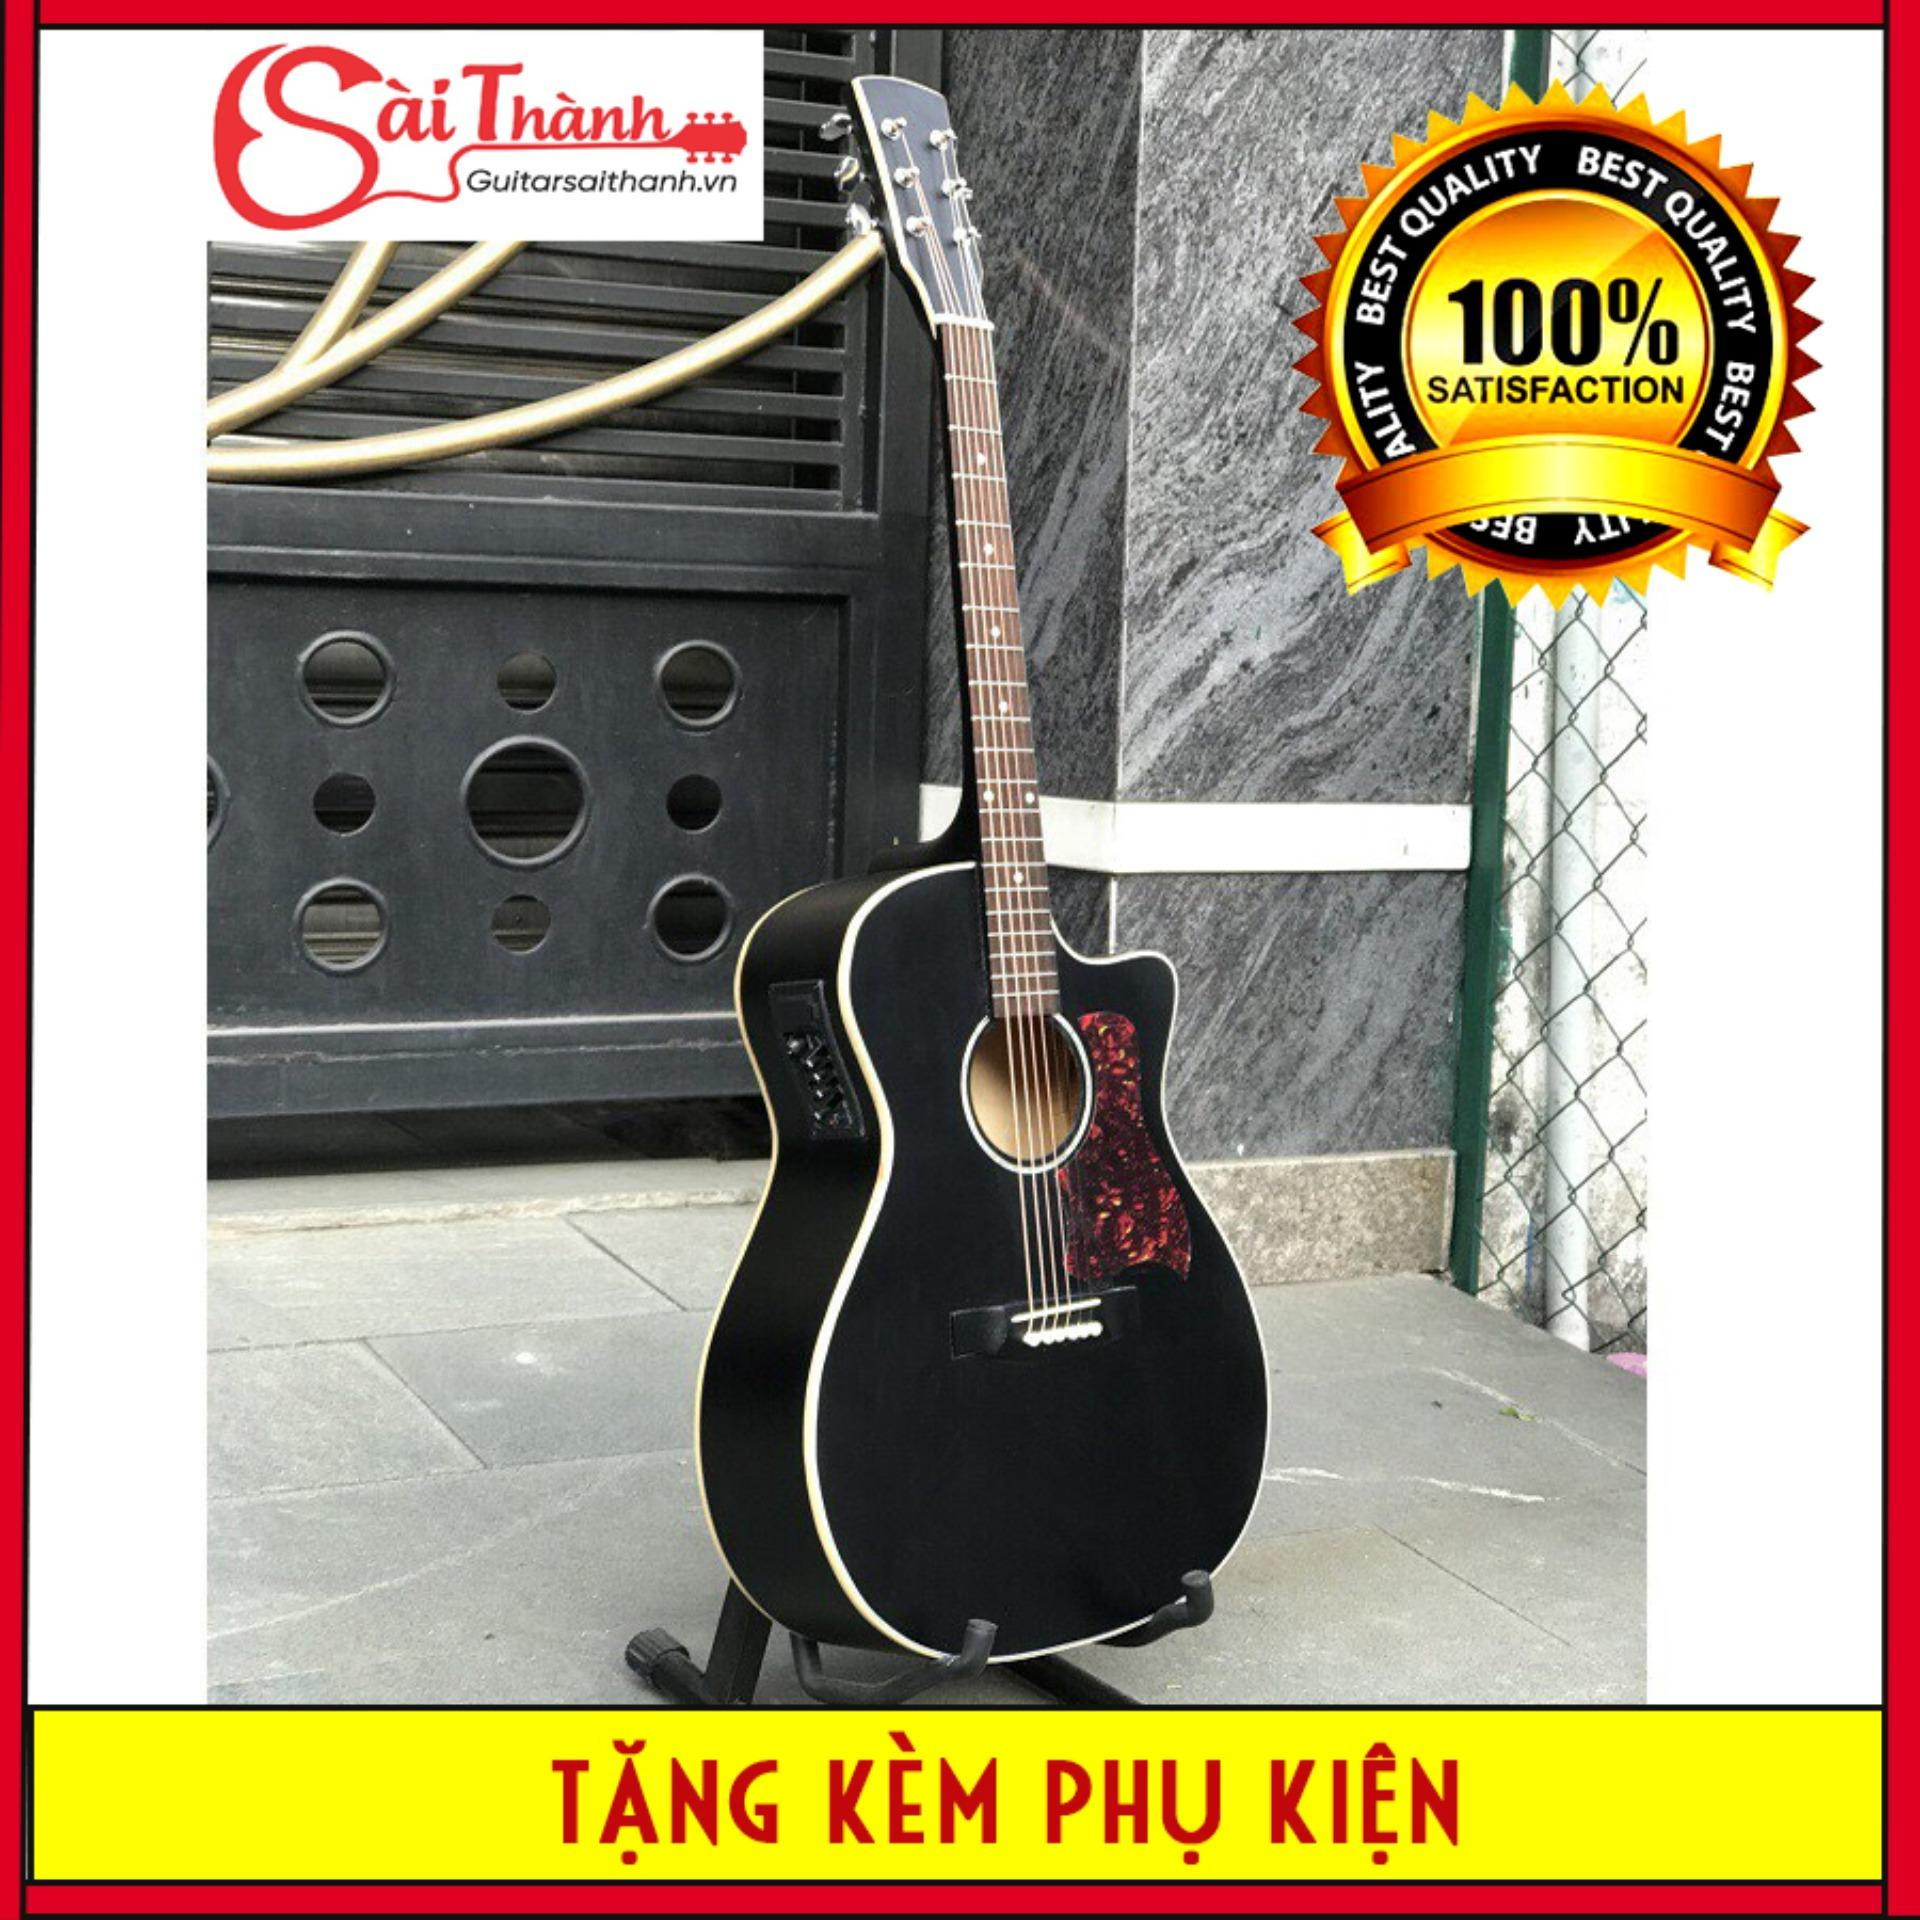 Coupon Giảm Giá Đàn Guitar Acoustic DTY85 Có Lắp EQ Gỗ Thông Nguyên Tấm, âm Thanh Vang, độ Bền Cao - Bảo Hành 2 Năm